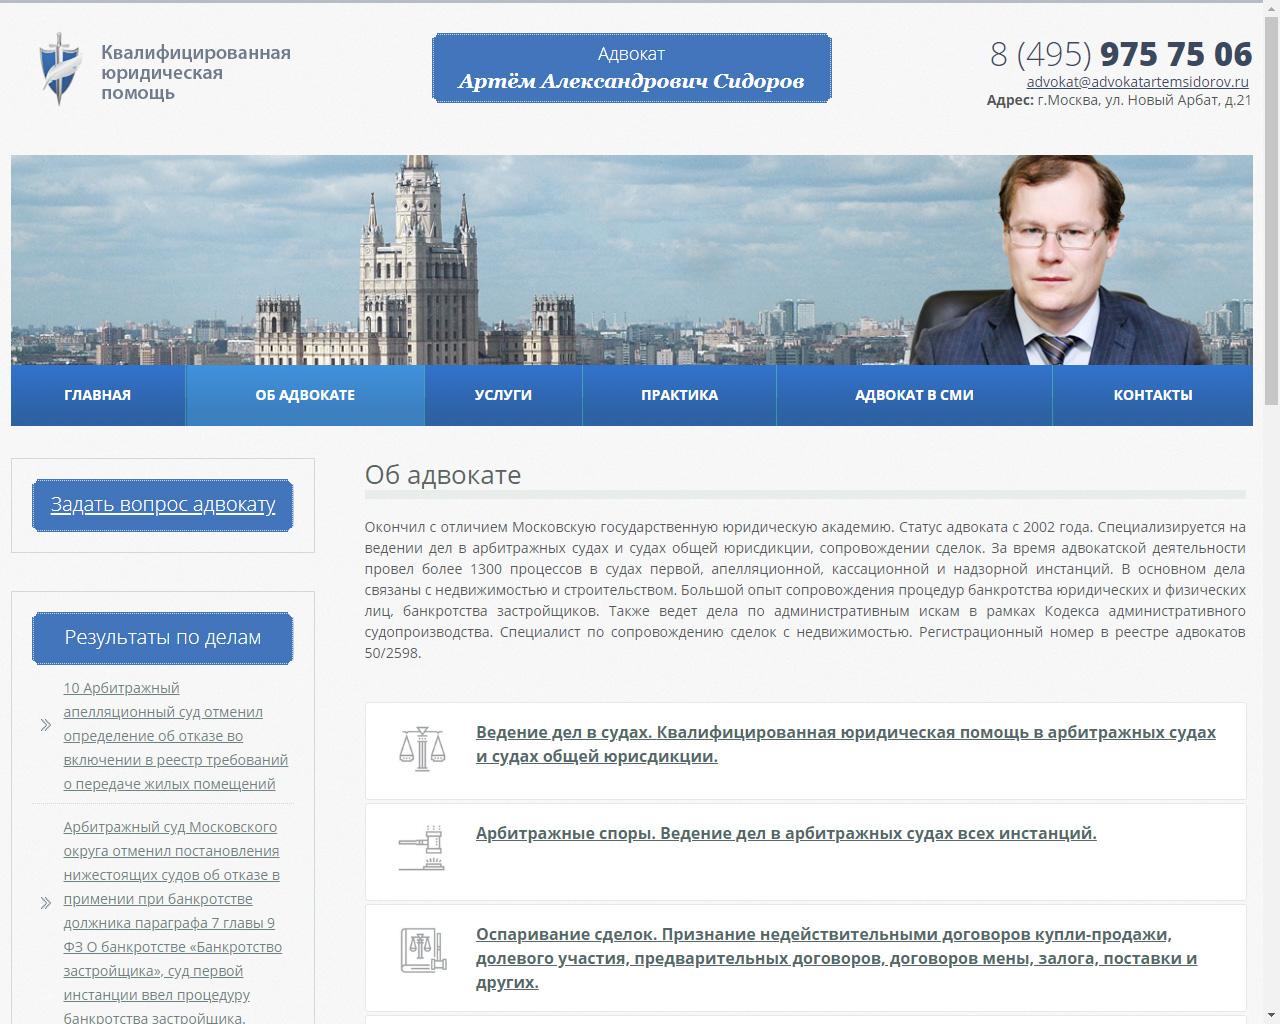 Сайт адвоката 11